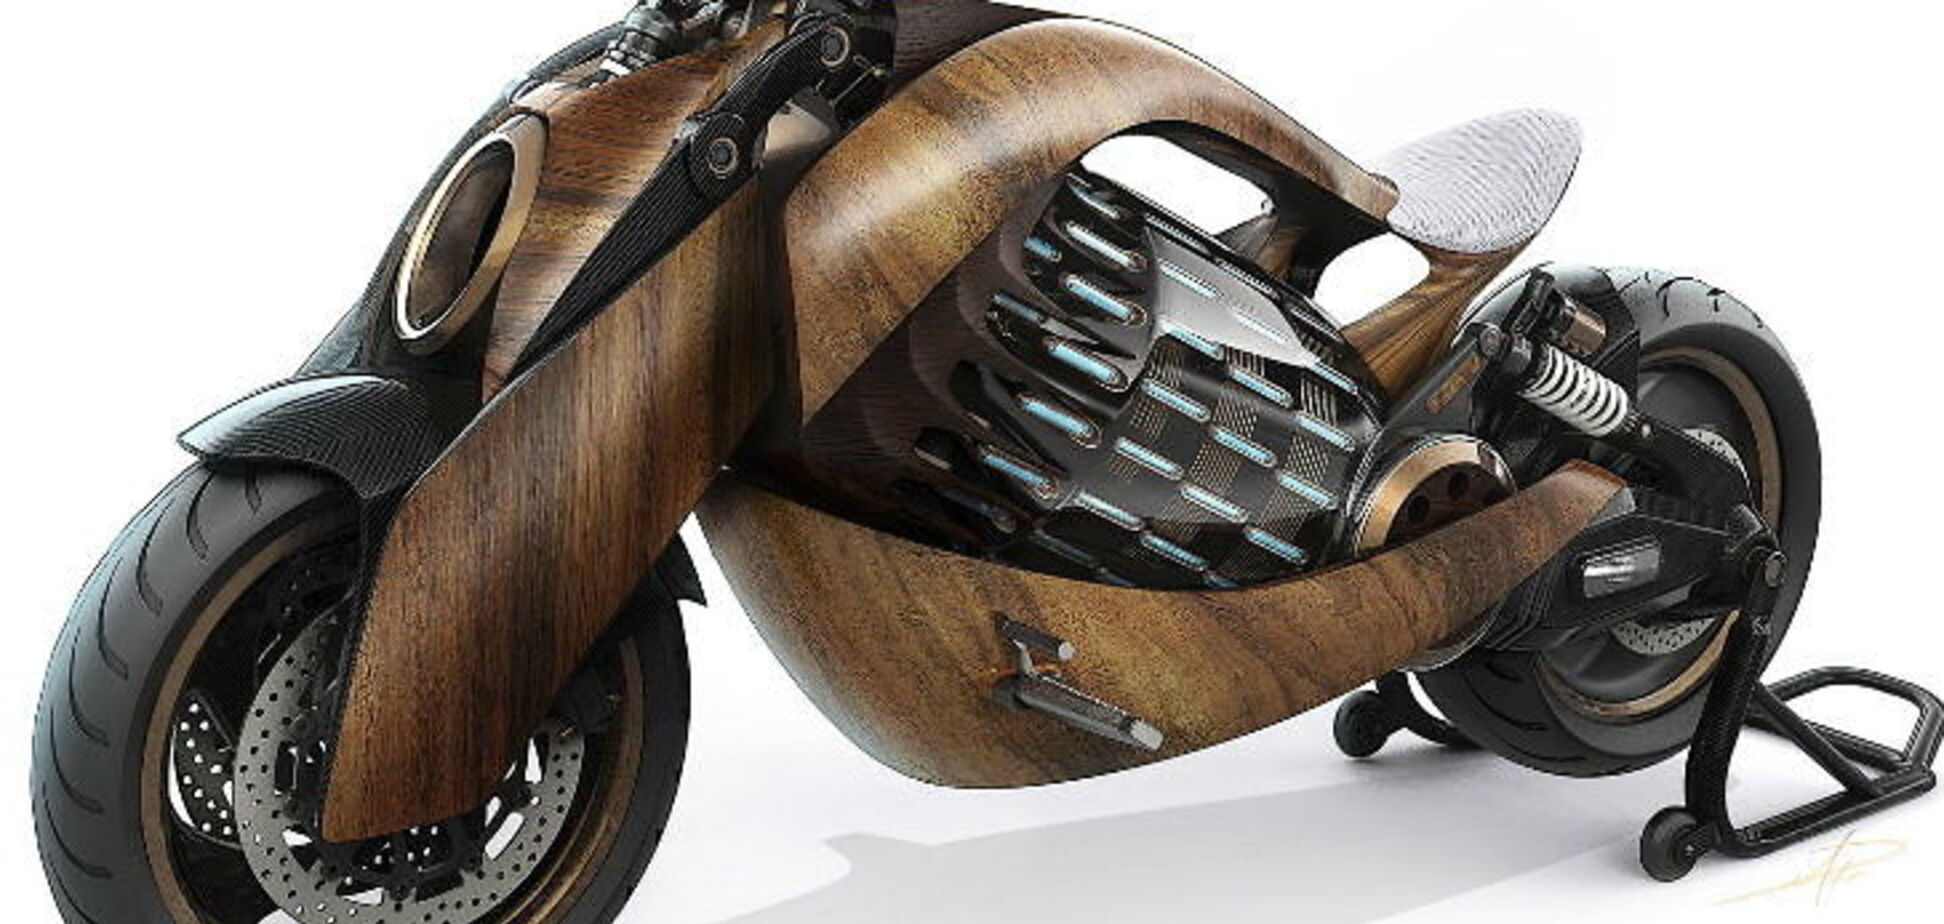 Електричний мотоцикл із дерева з запасом ходу на сотні кілометрів створили у Франції